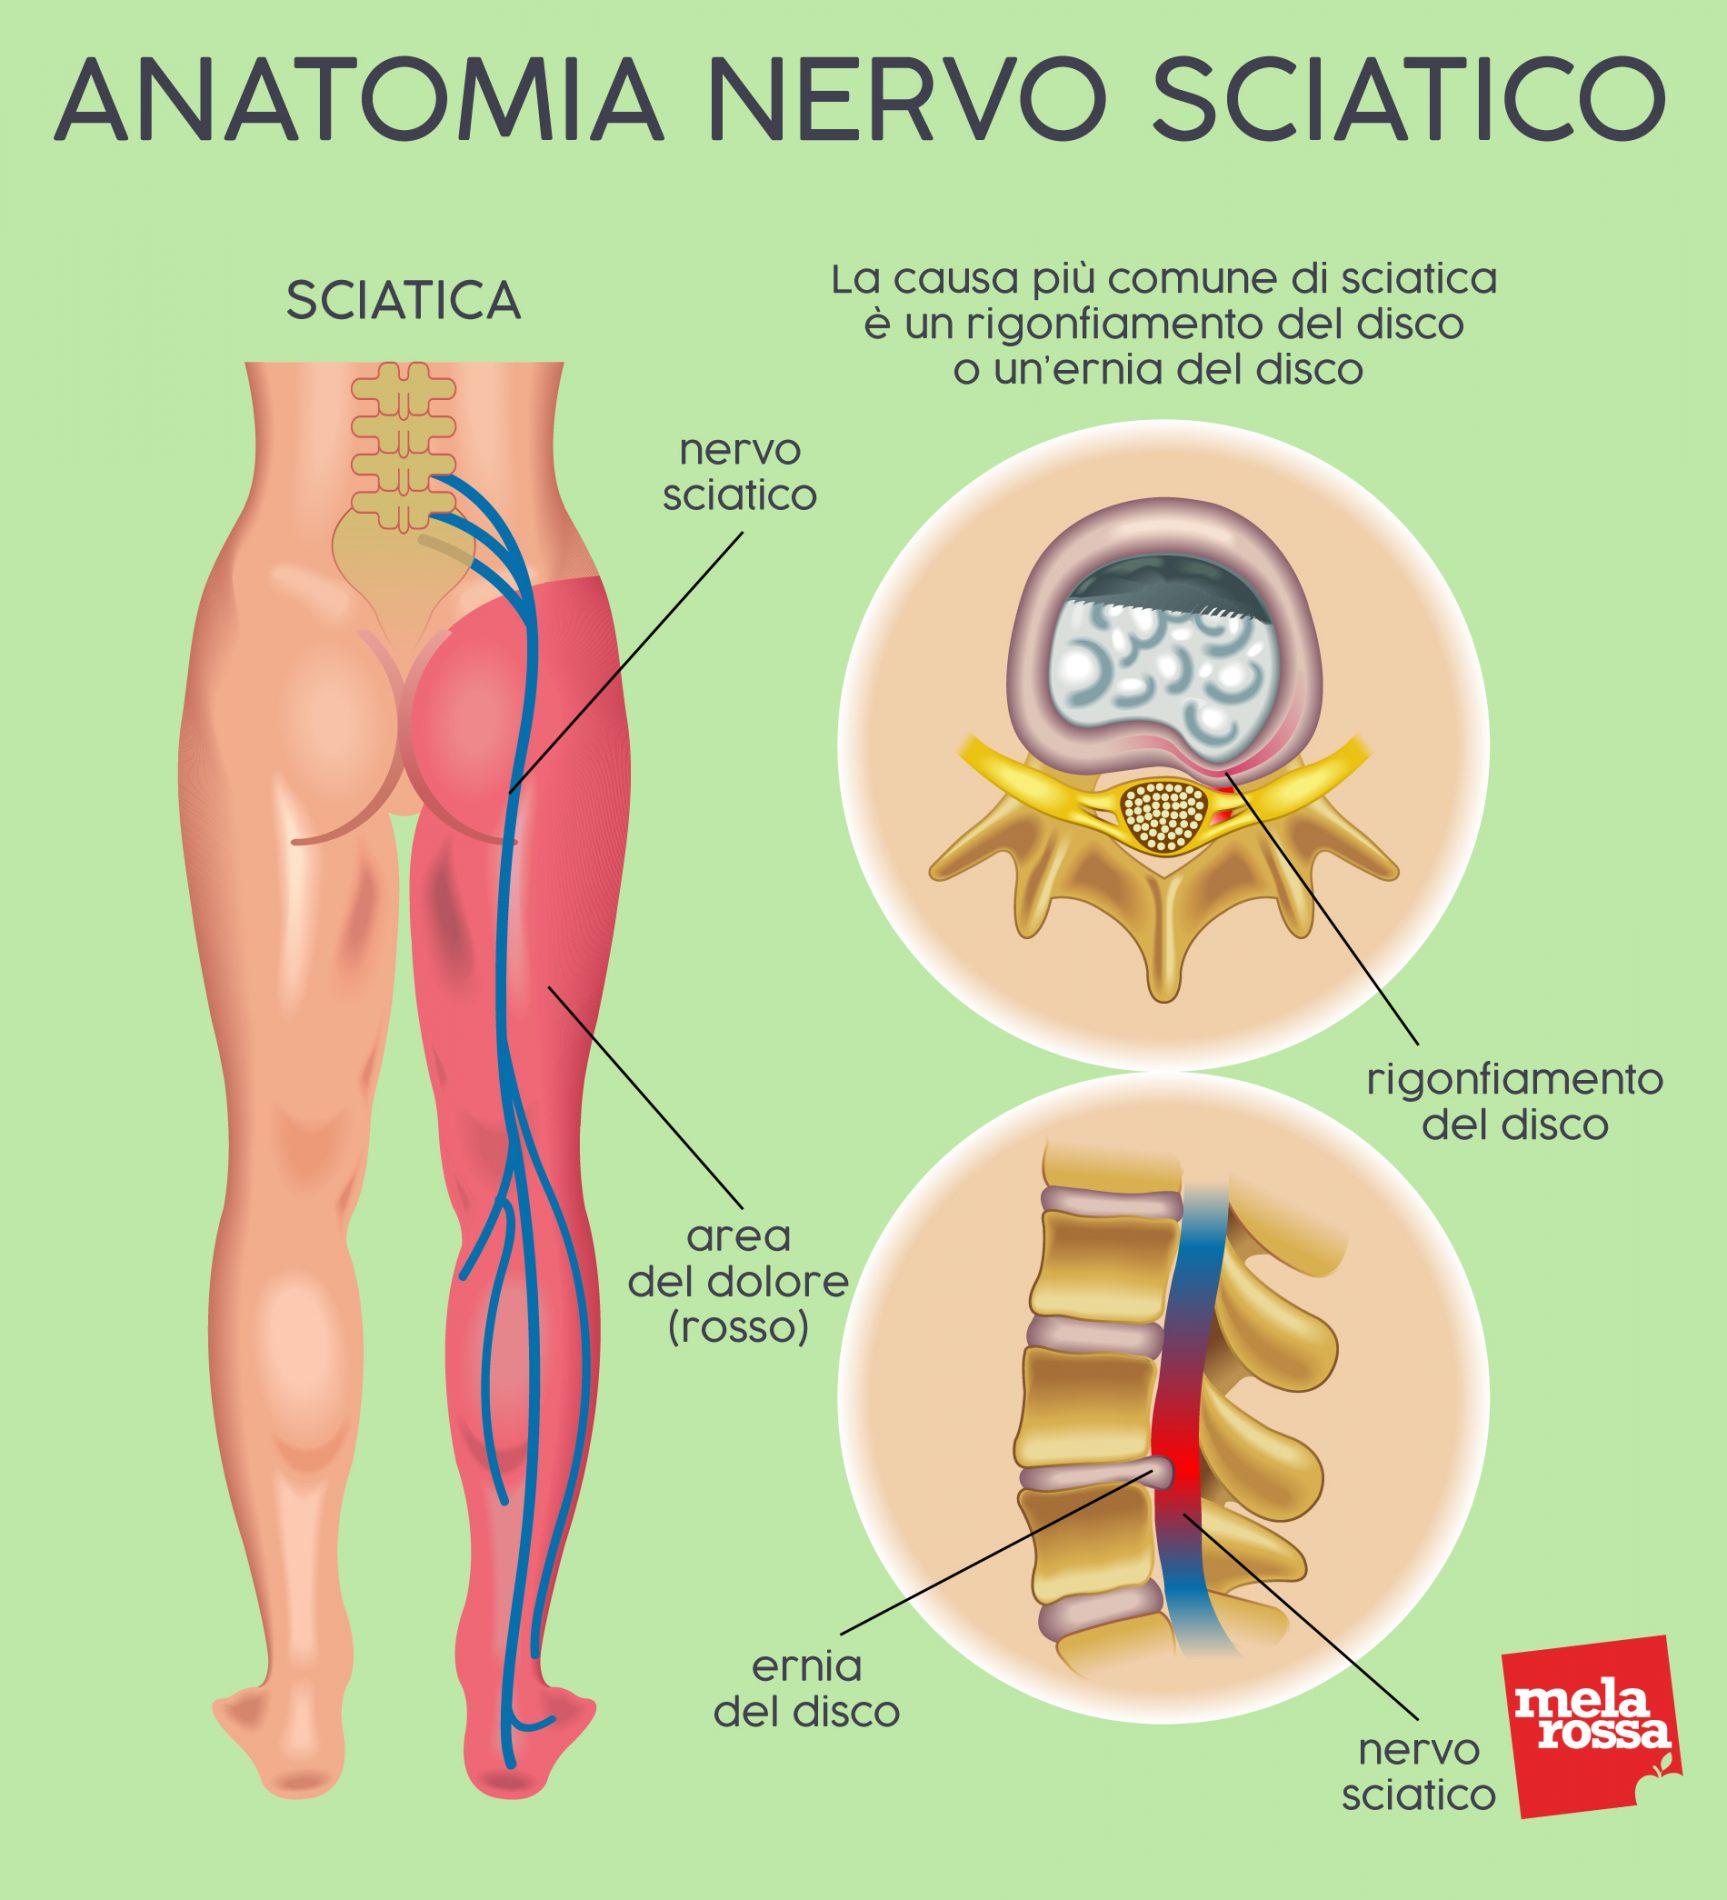 anatomia del nervo sciatico